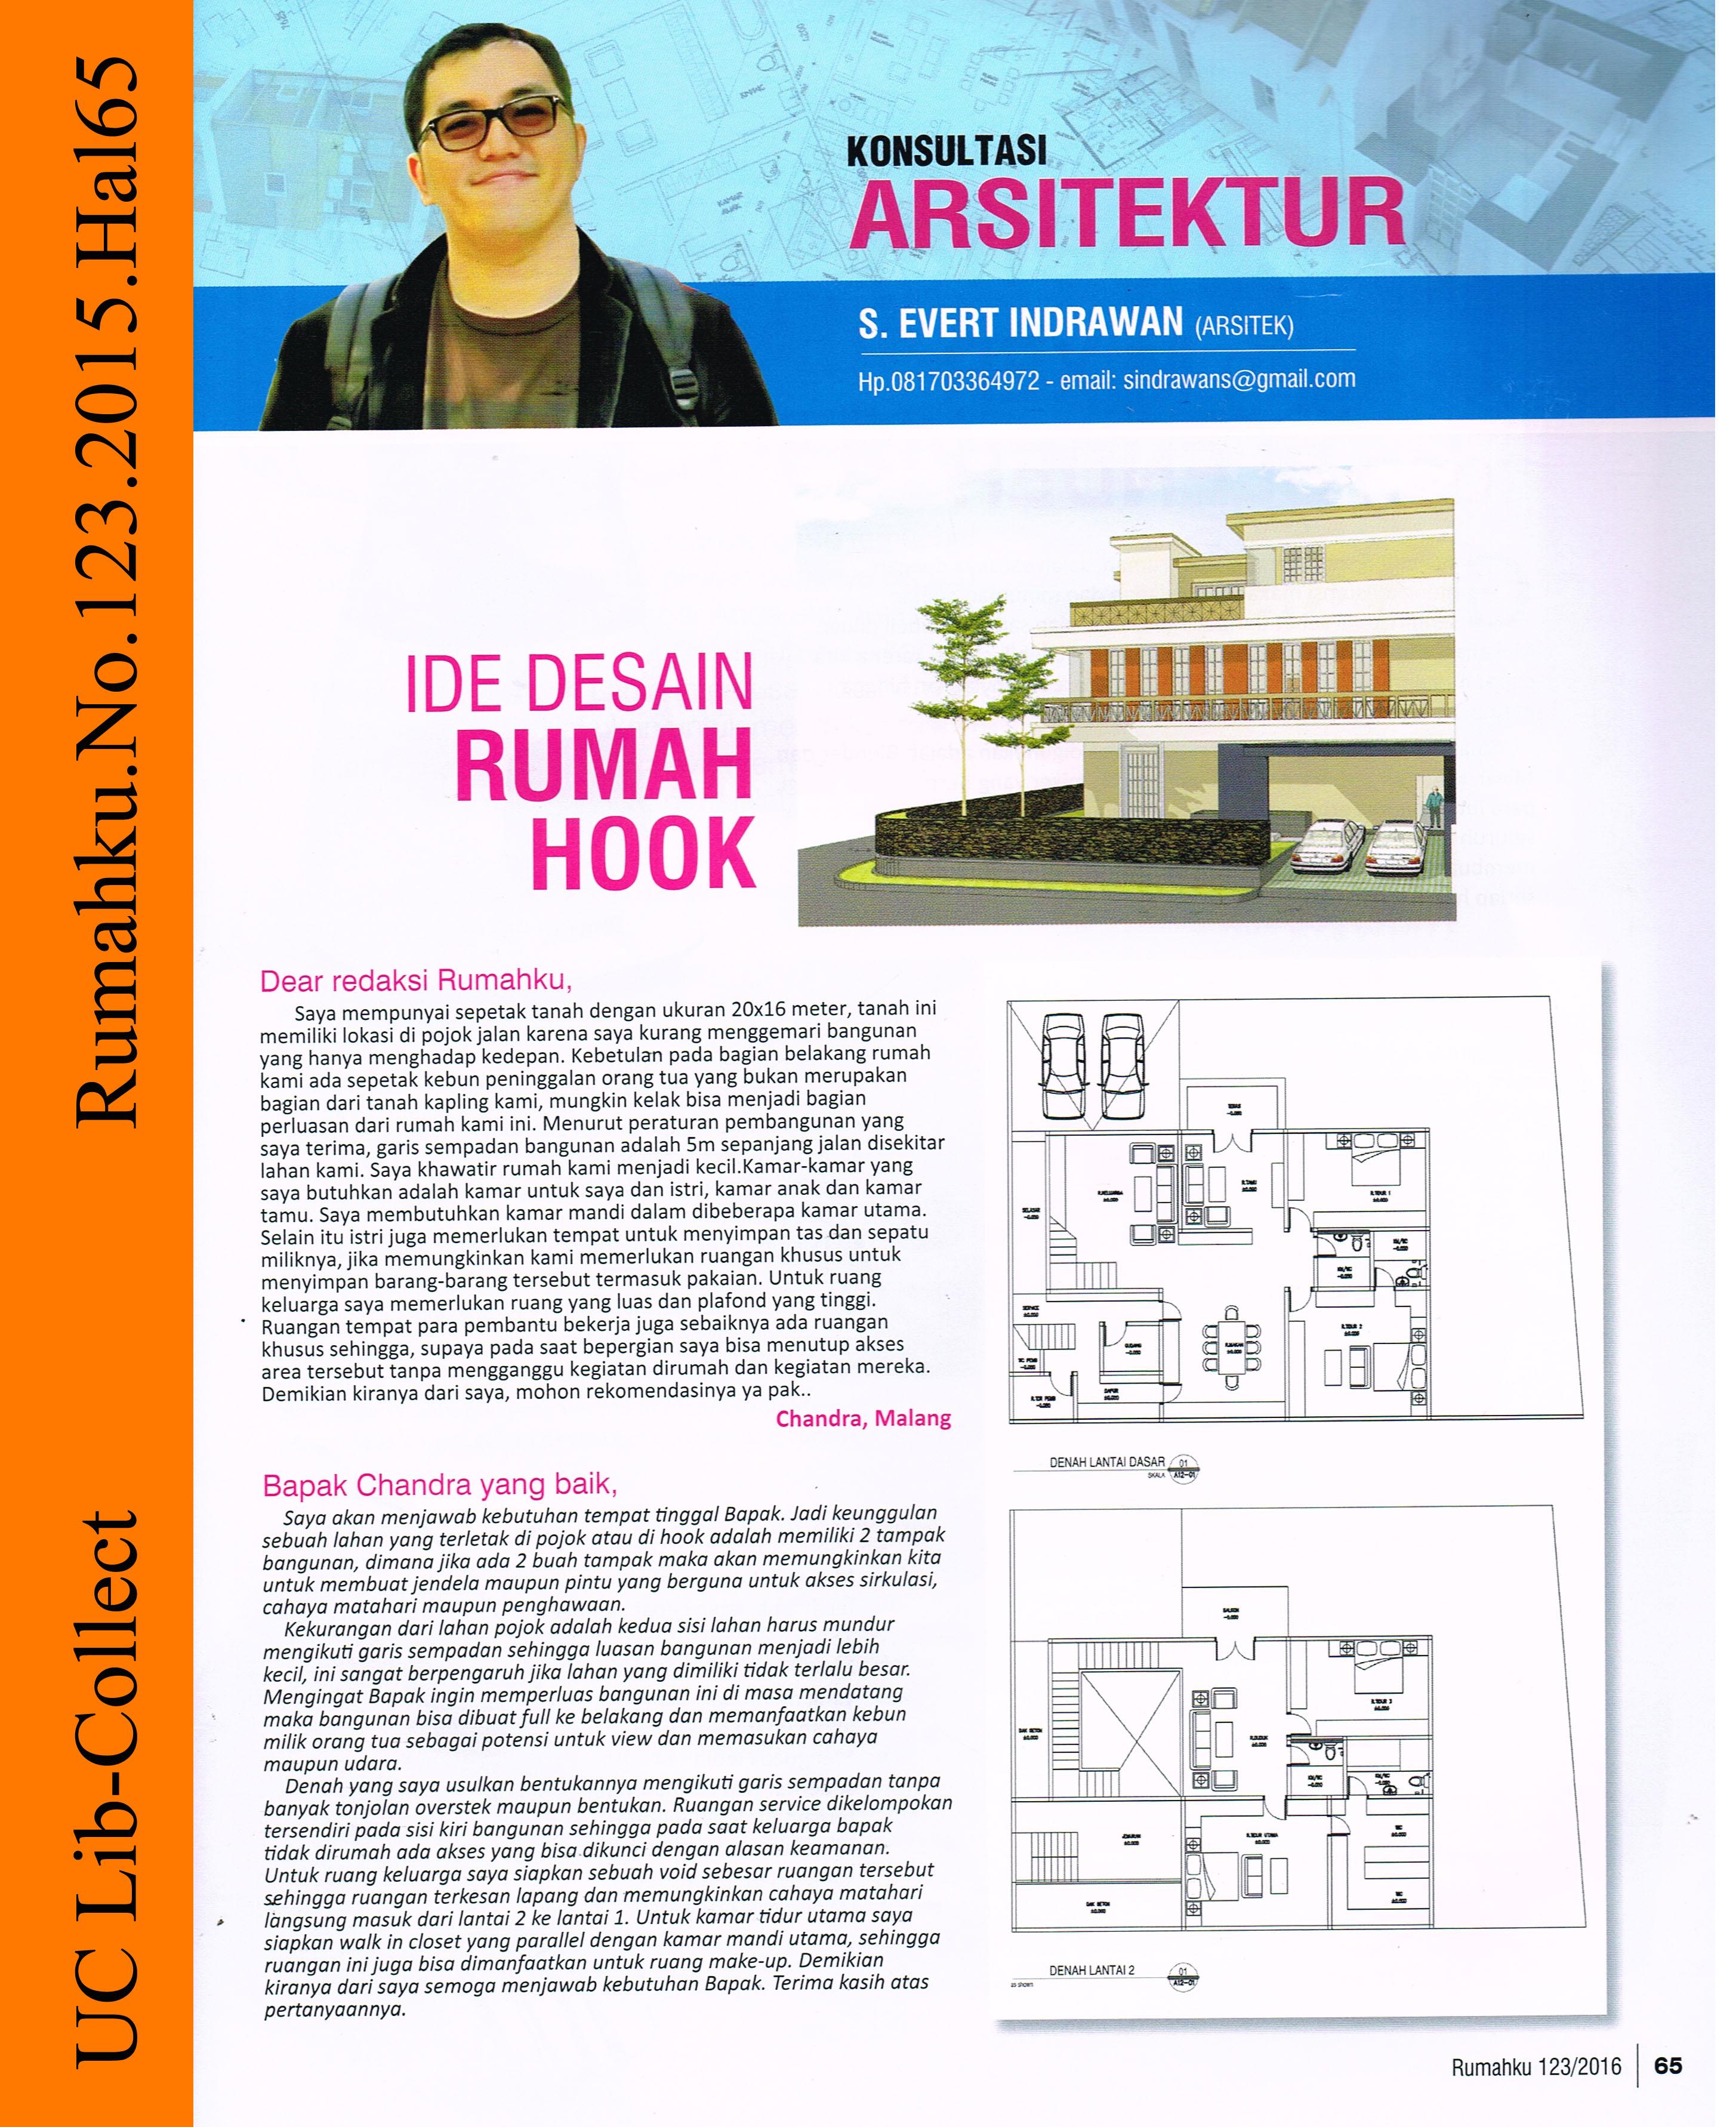 Ide Desain Rumah Hook Universitas Ciputra